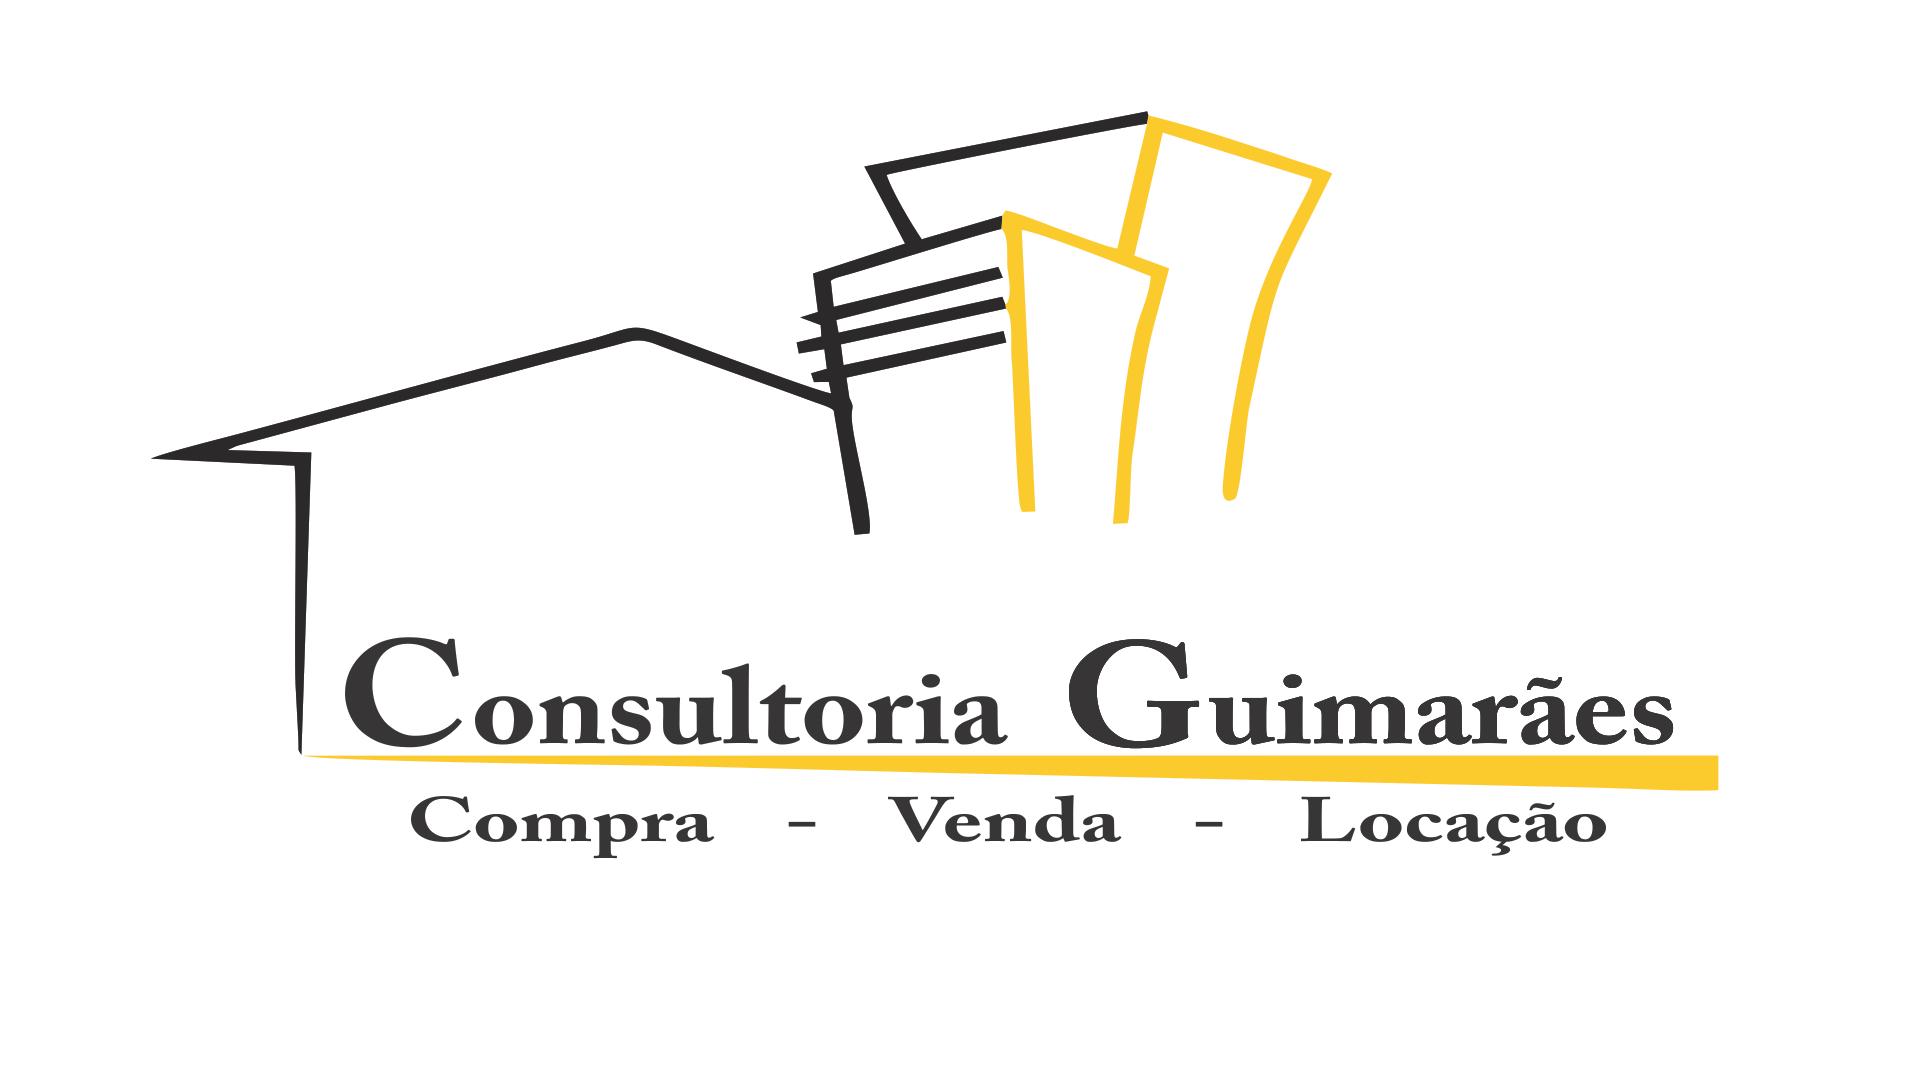 Consultoria Guimarães